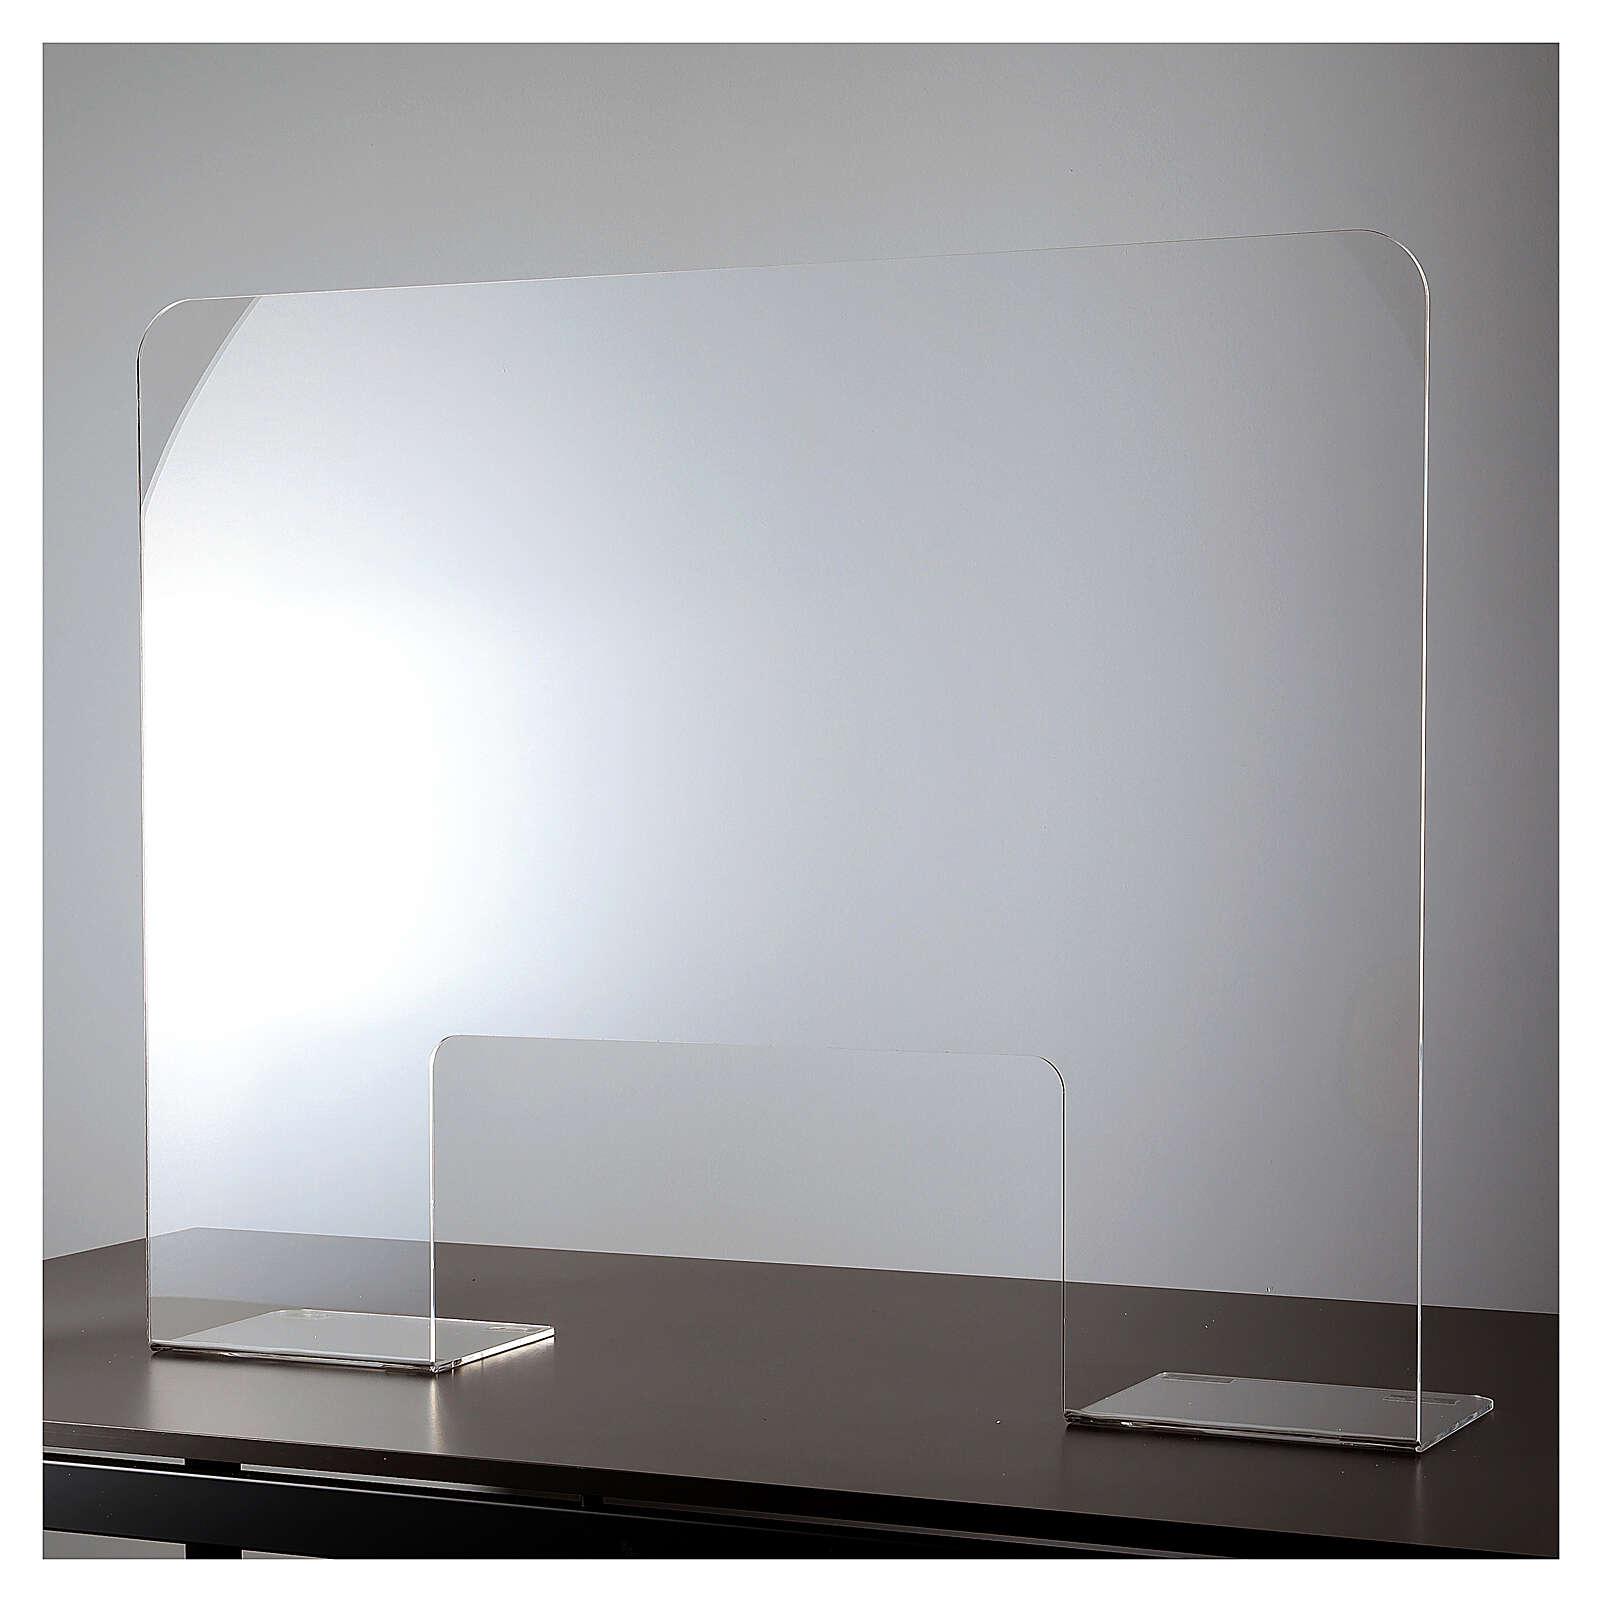 Barreira de proteção acrílico 80x100  cm com abertura 30x50 cm 3